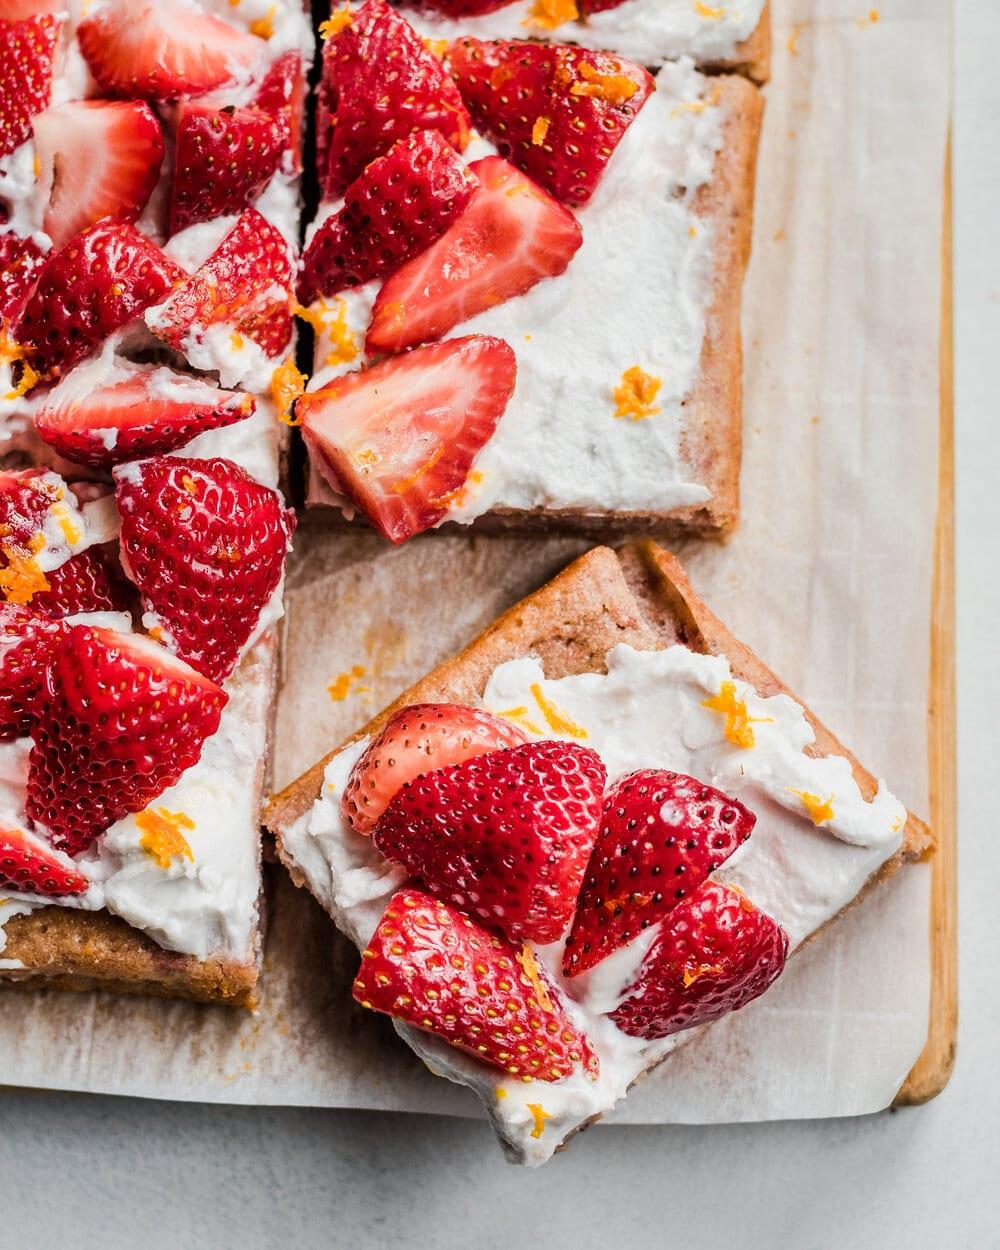 Vegan Strawberries and Cream Sheet Cake